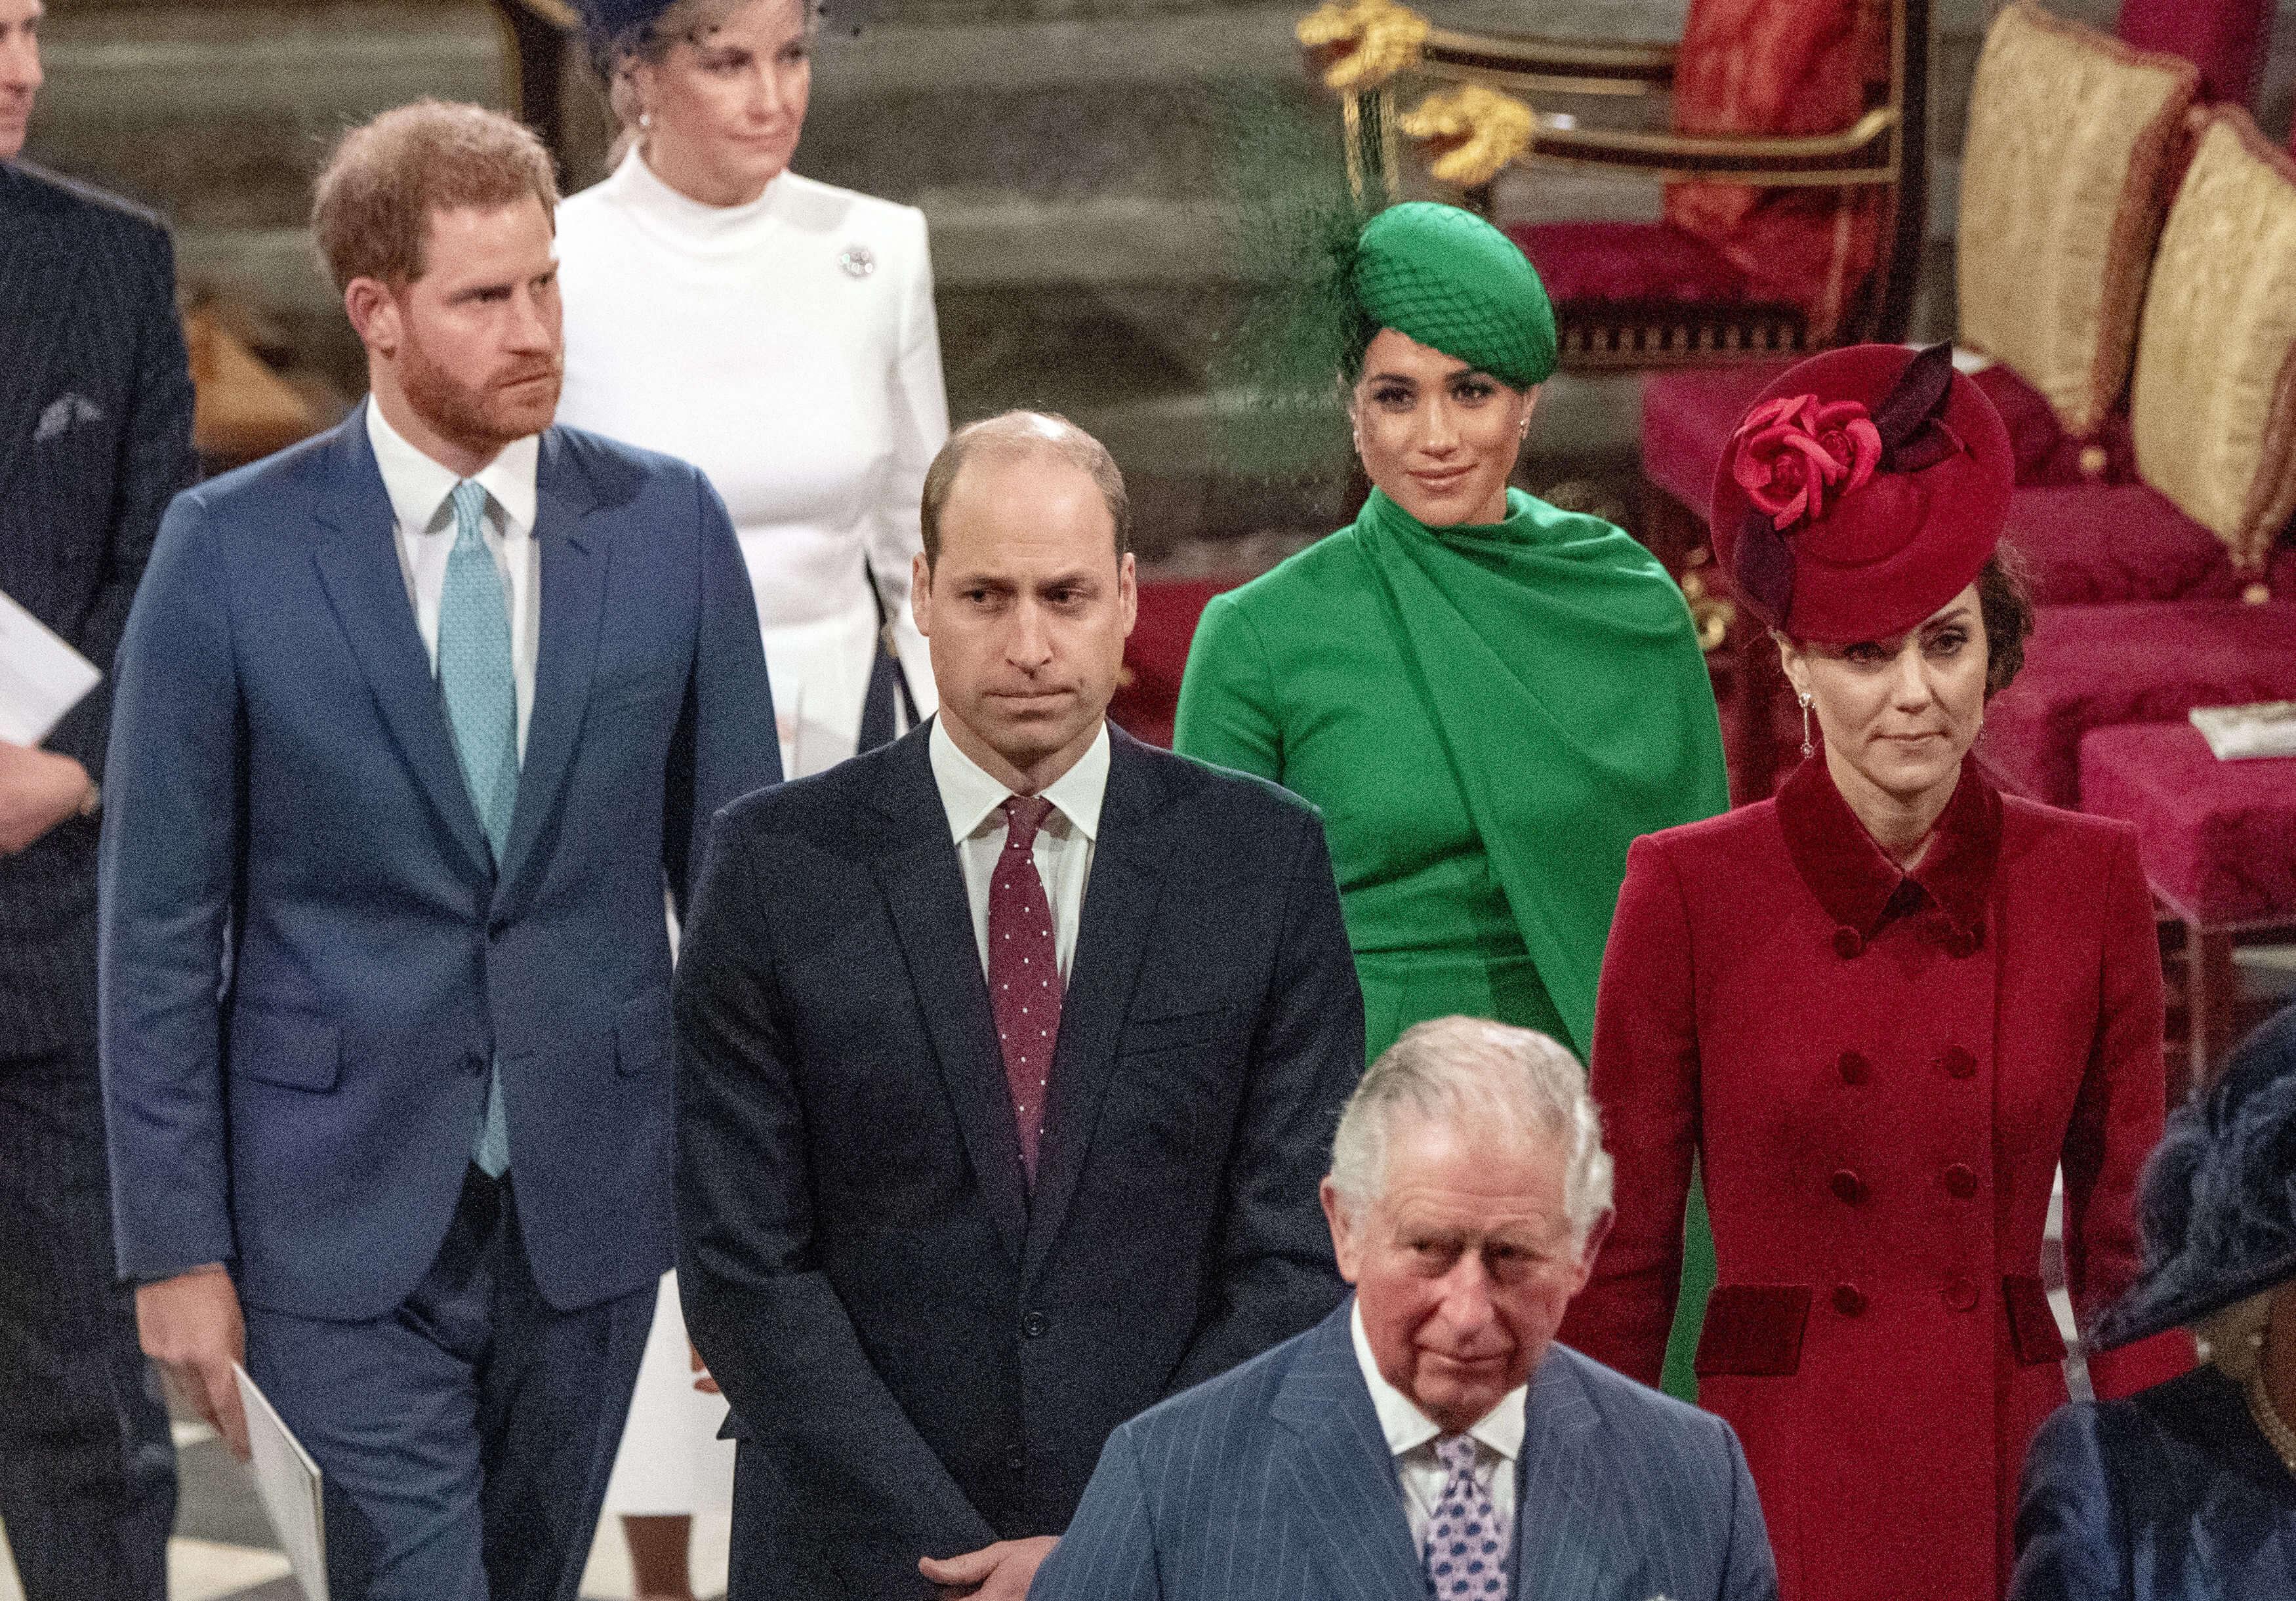 Prinz William: Seine Worte erscheinen nun im neuen Licht